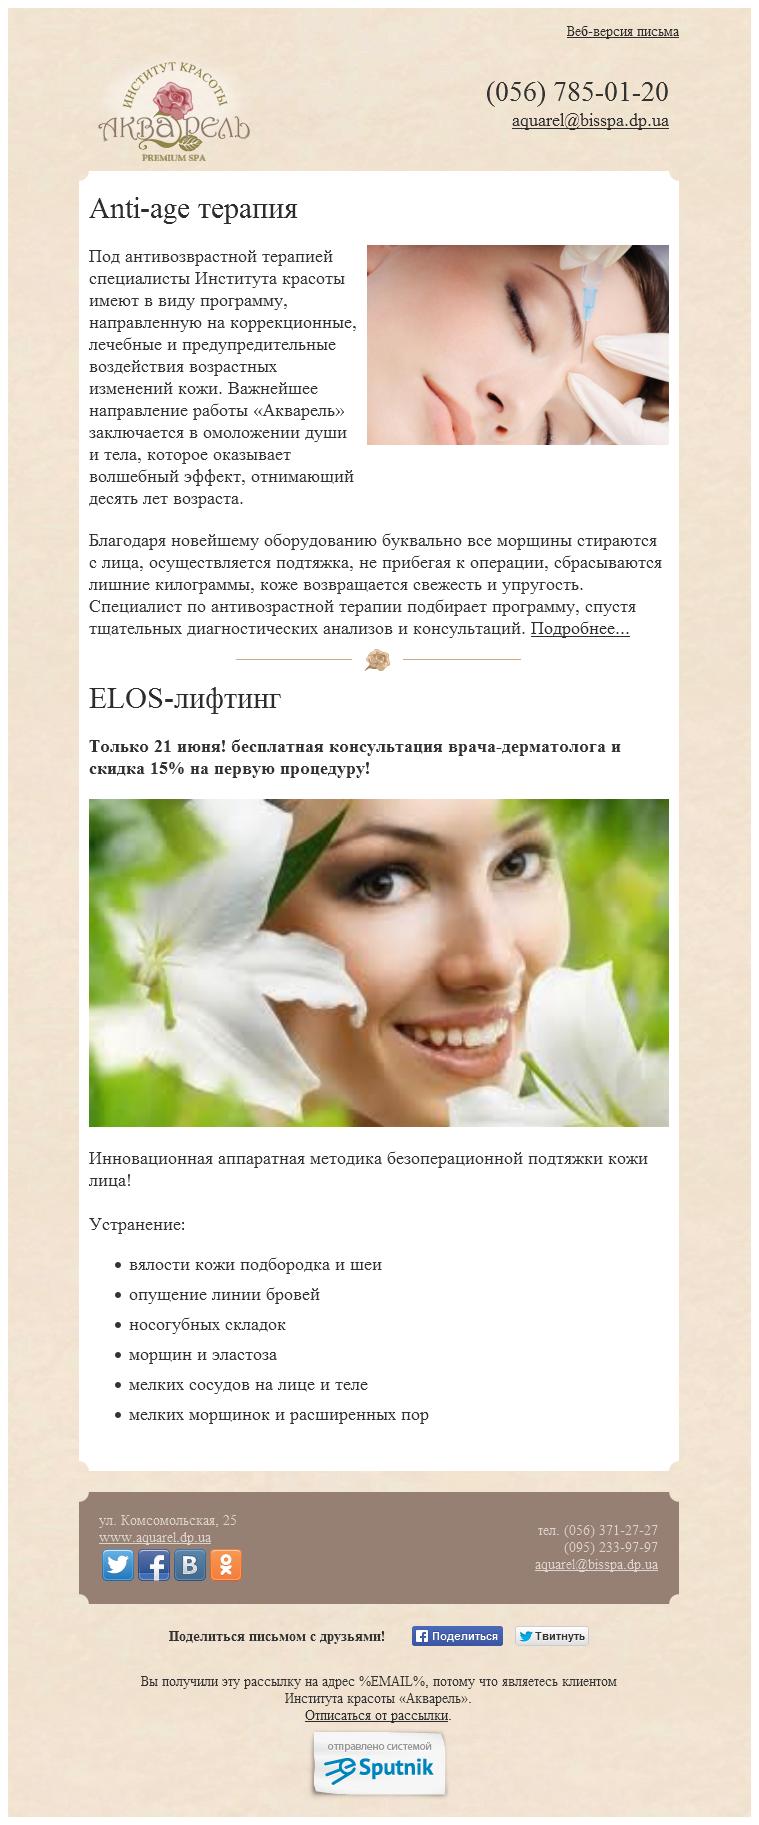 Информационное письмо от салона красоты